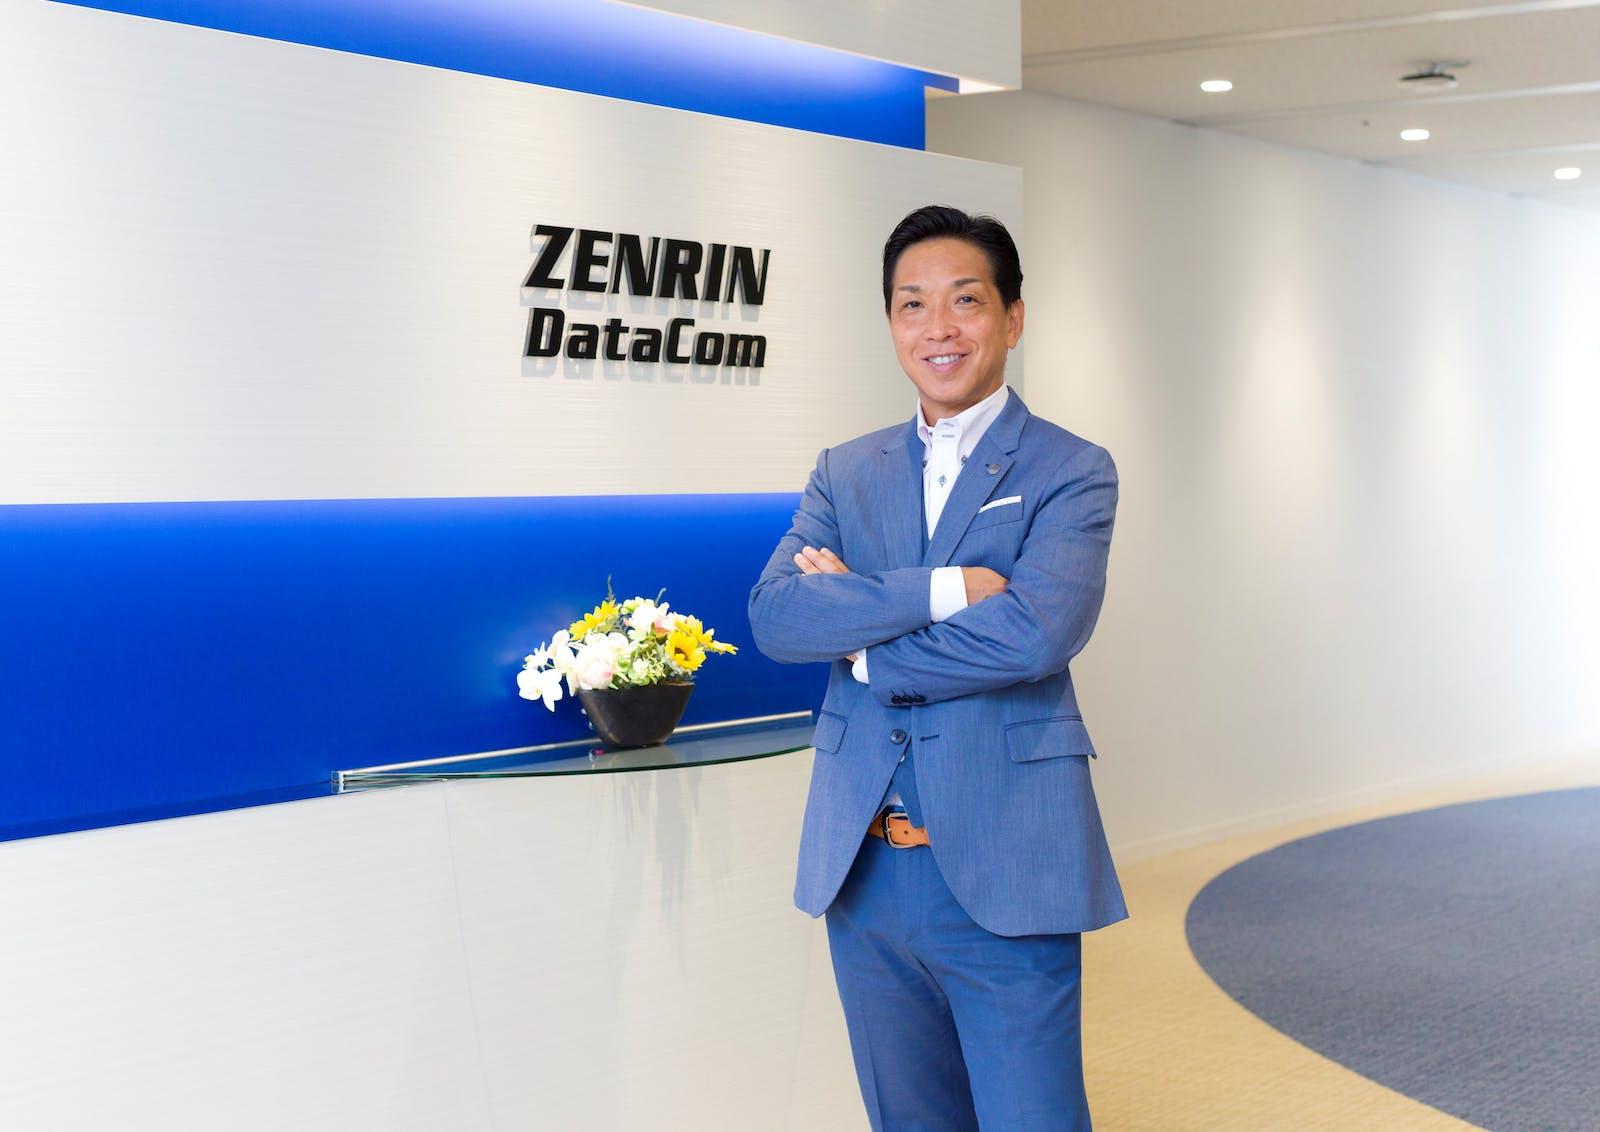 株式会社ゼンリンデータコムのアイキャッチ画像